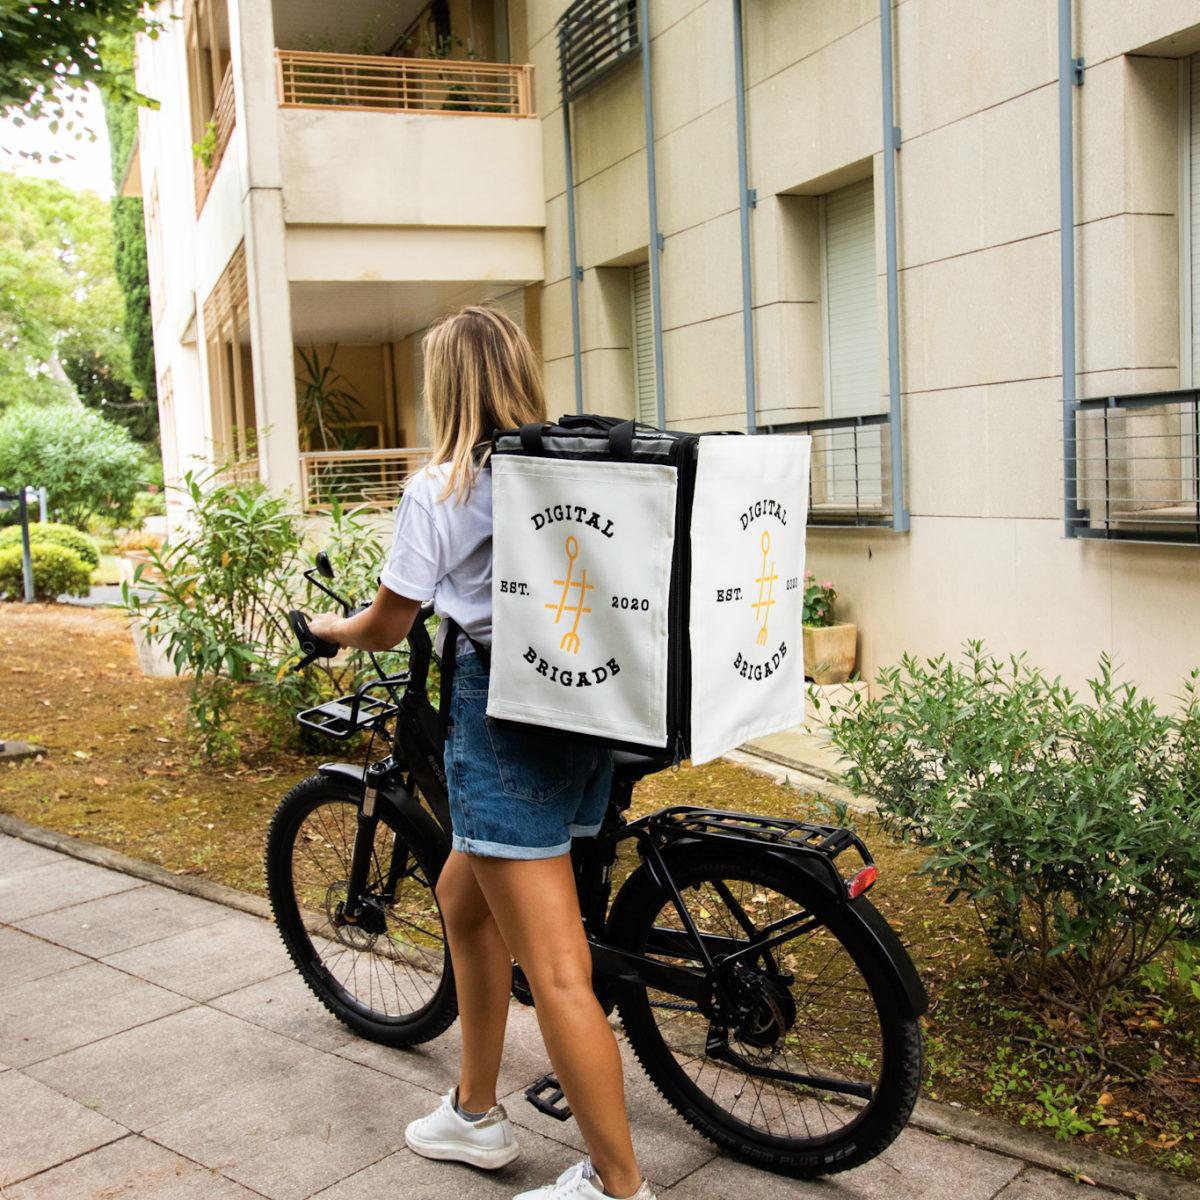 Innovation - Livreurs à vélo - Cyclads